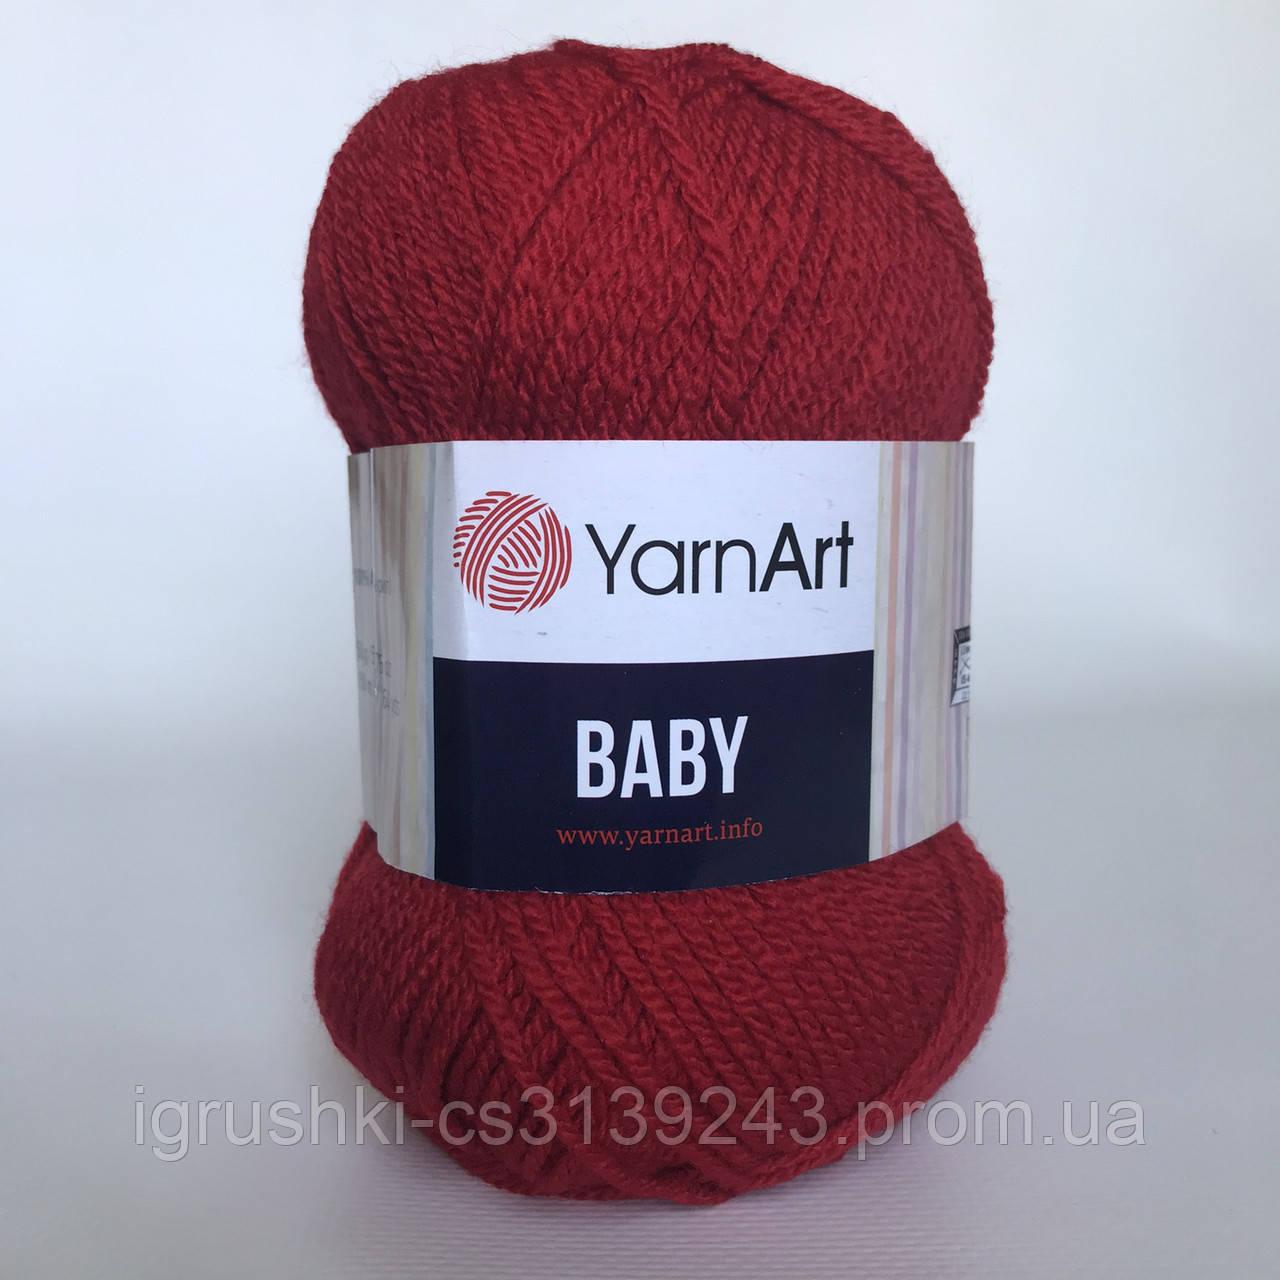 Акрил YarnArt Baby (бебі) 576 Червоний